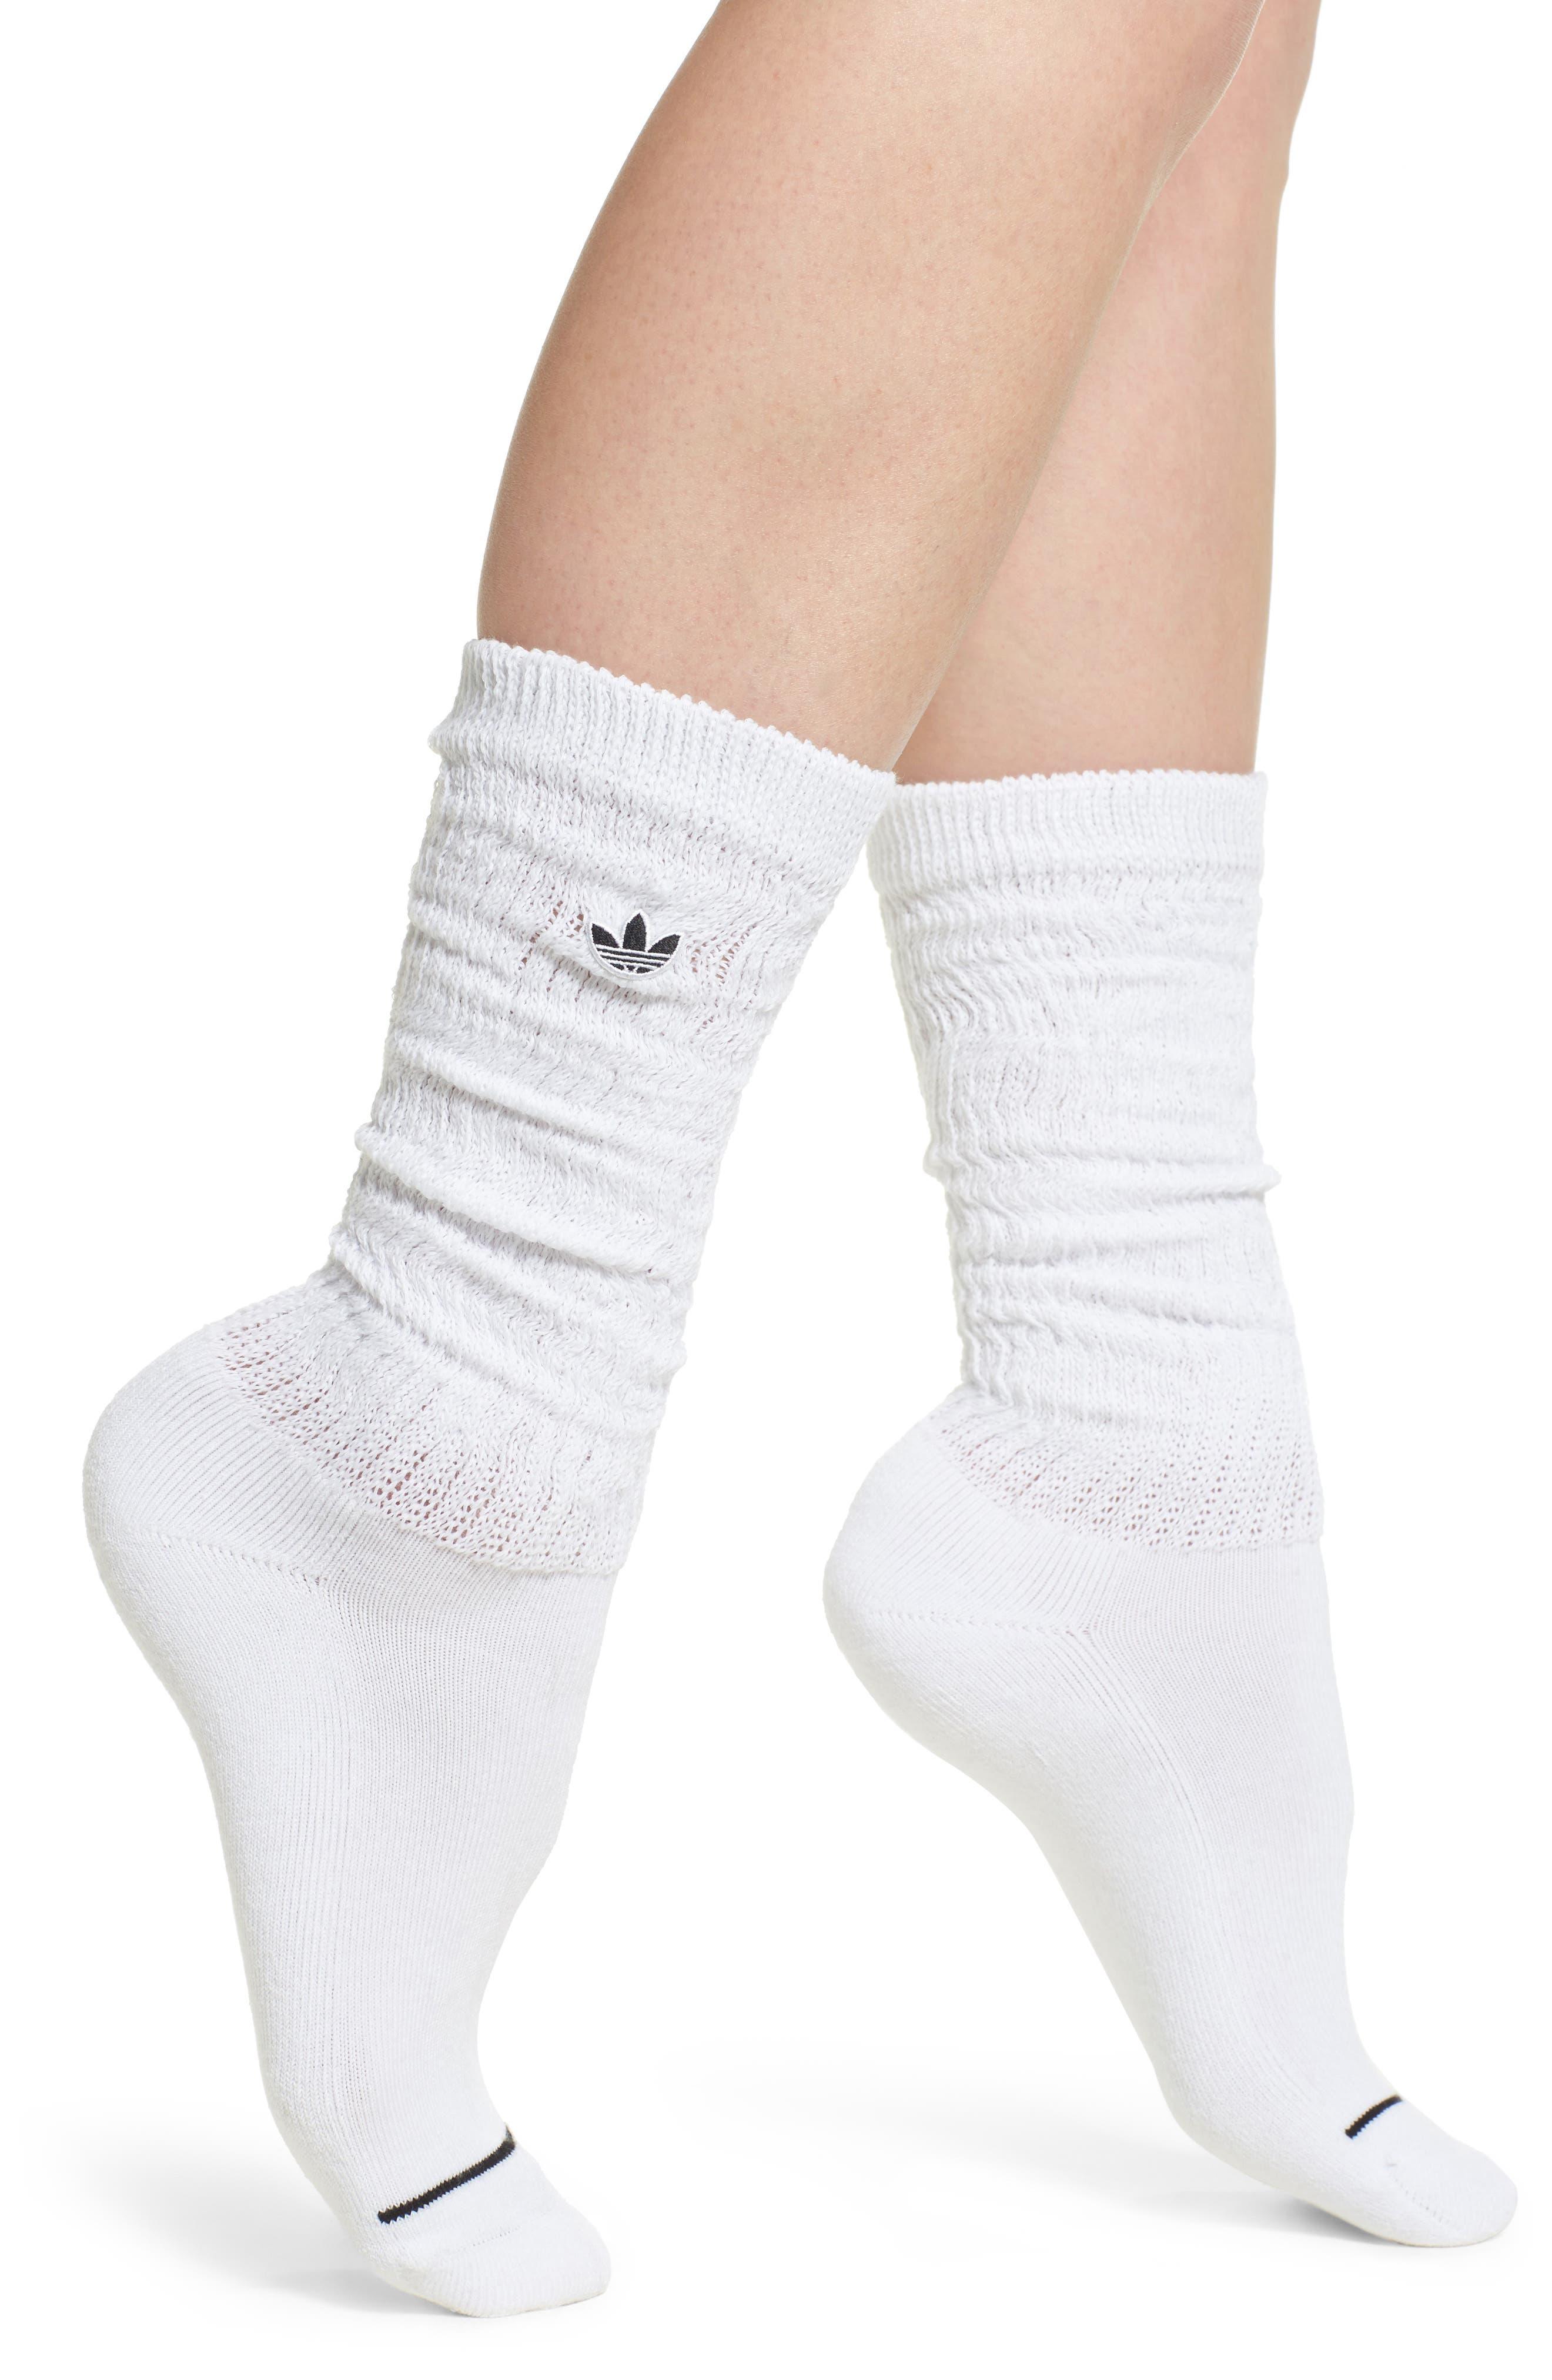 OG Slouch Crew Socks,                         Main,                         color, White